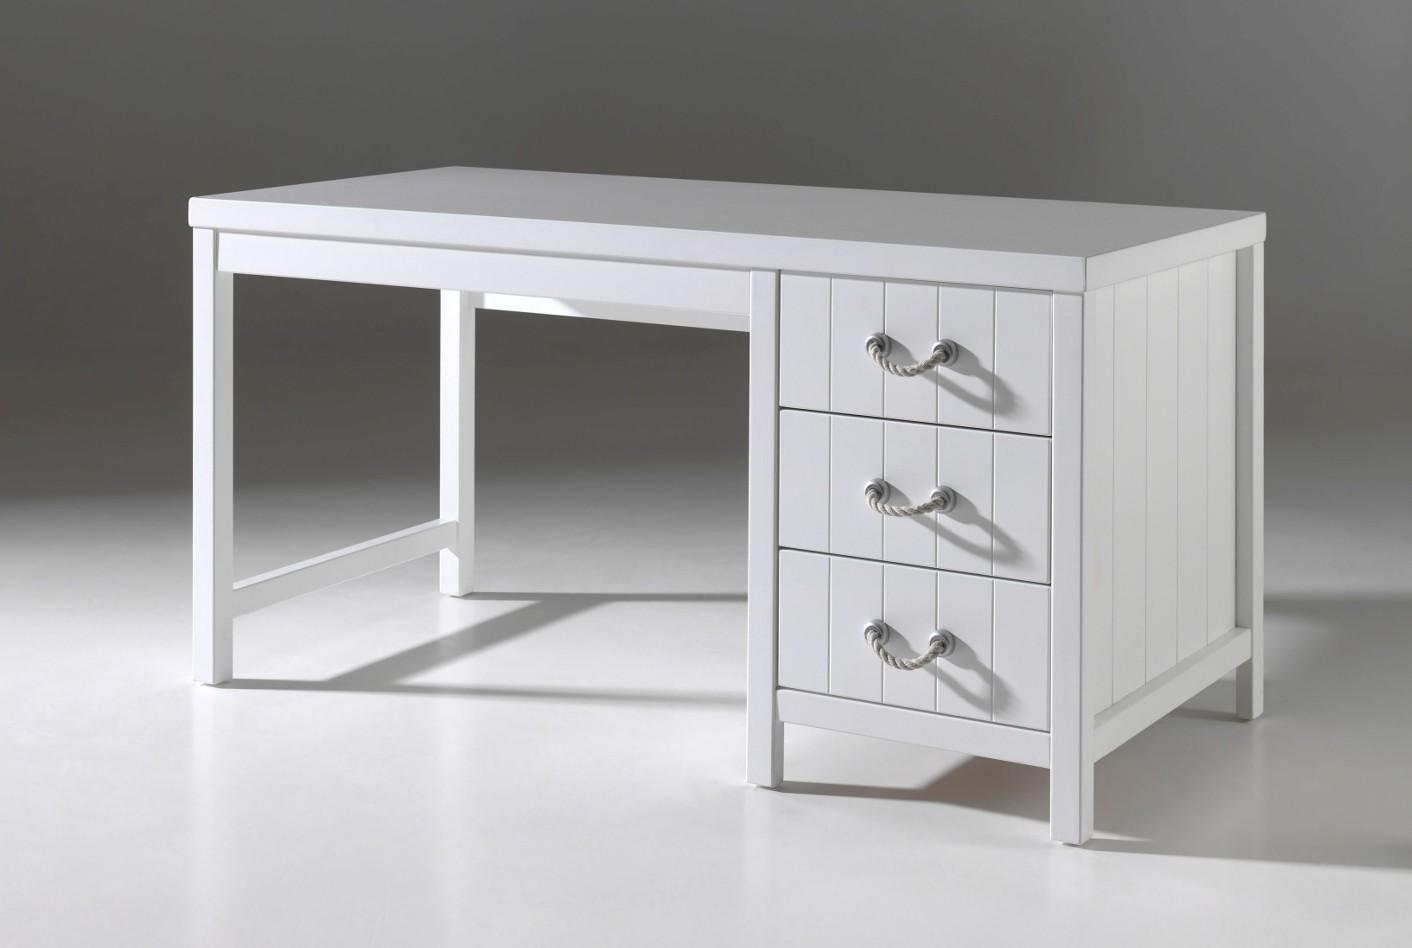 Full Size of Regal Schreibtisch Ikea Kombination Klappbar Mit Integriert Kombi Selber Bauen Integriertem Jugendzimmer Lewis Komplett Einzelbett Getränkekisten Schlafzimmer Regal Regal Schreibtisch